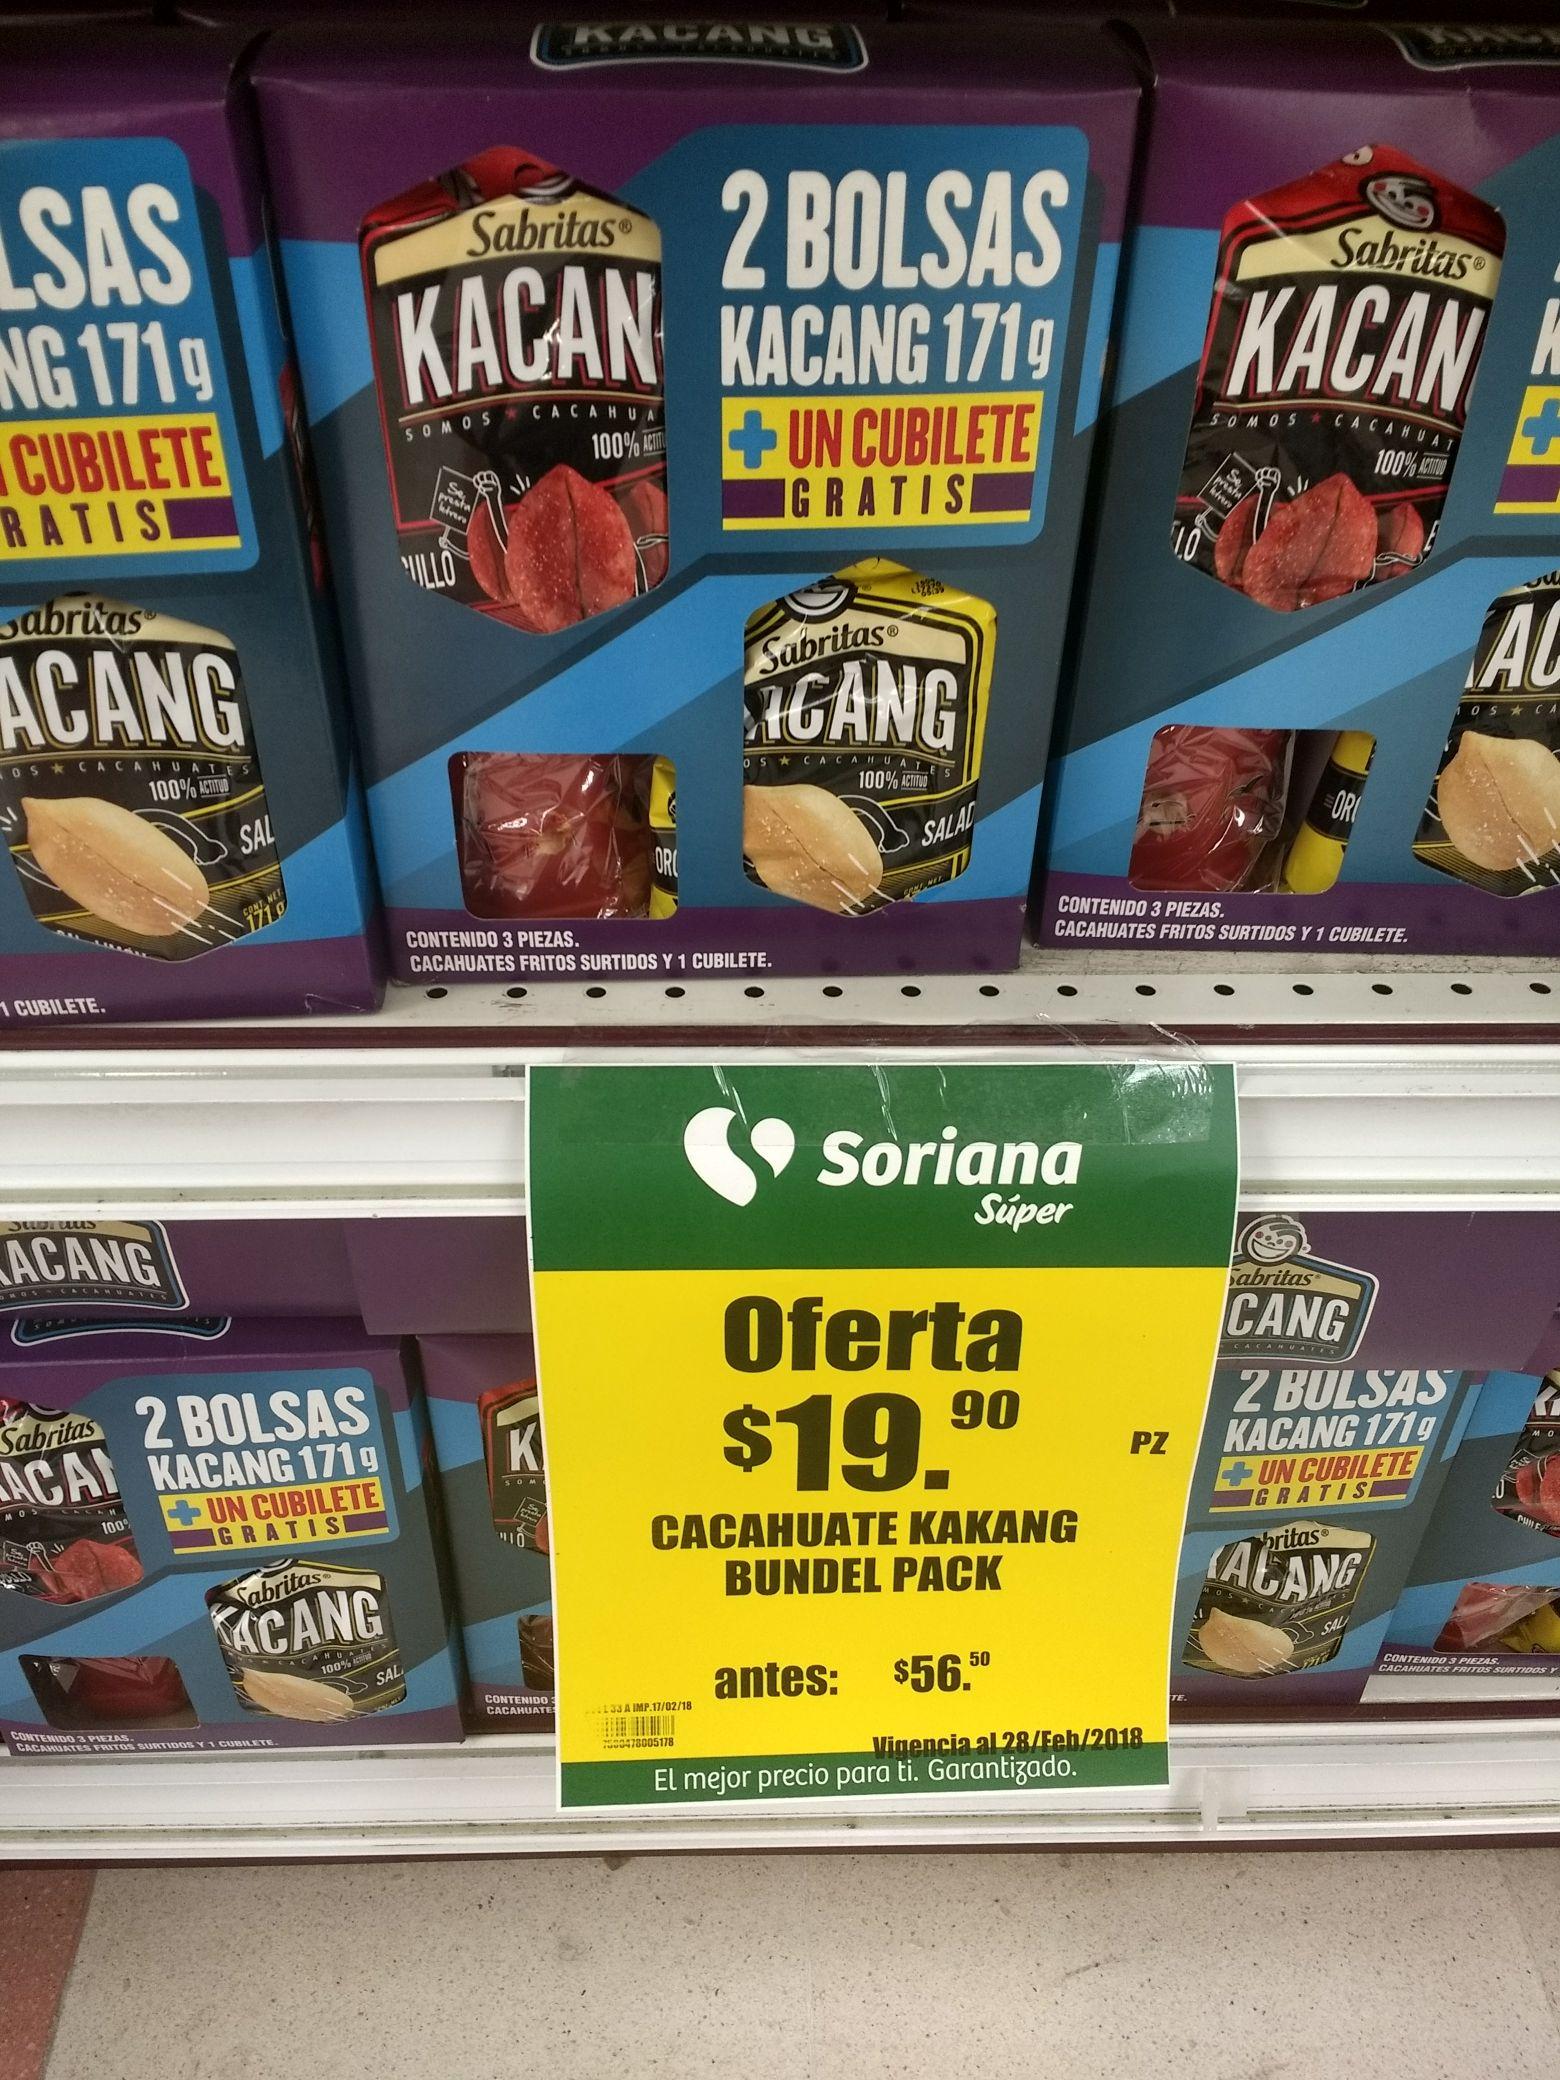 Soriana súper: 2 bolsas de cacahuates kacang sabritas de 171g + cubilete de regalo